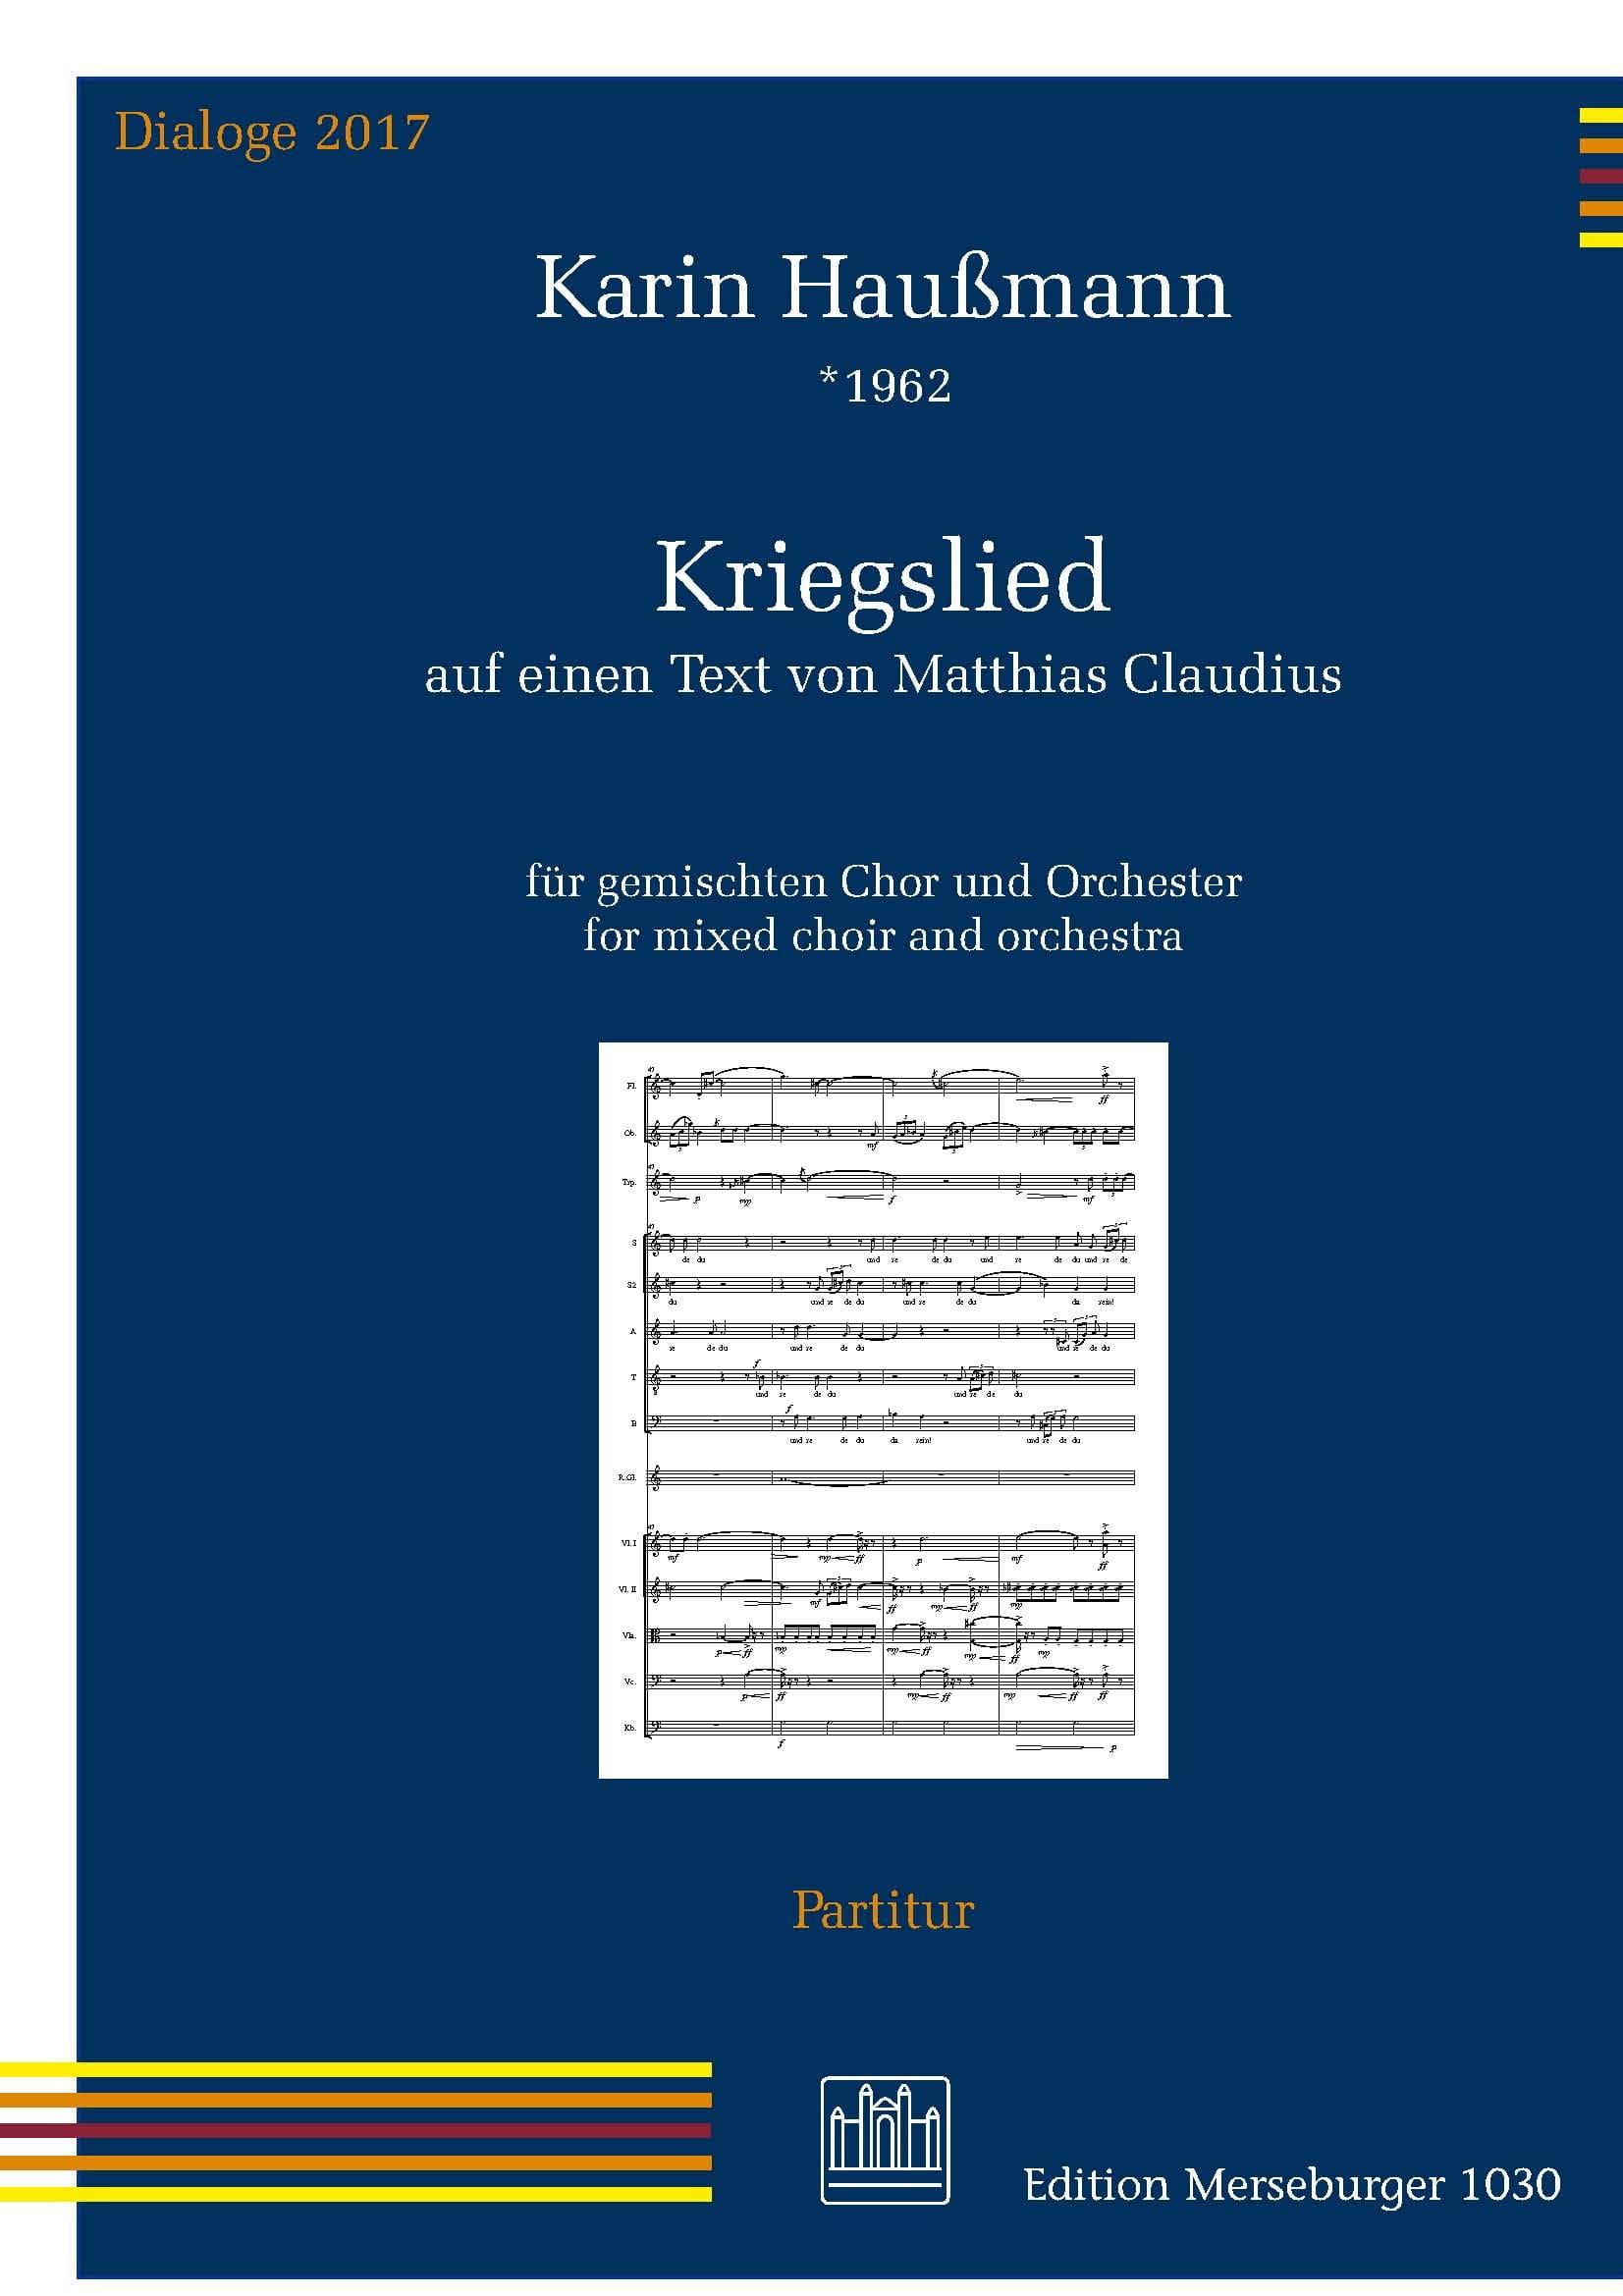 Kriegslied - Karin Haussmann - Partition - Chœur - laflutedepan.com